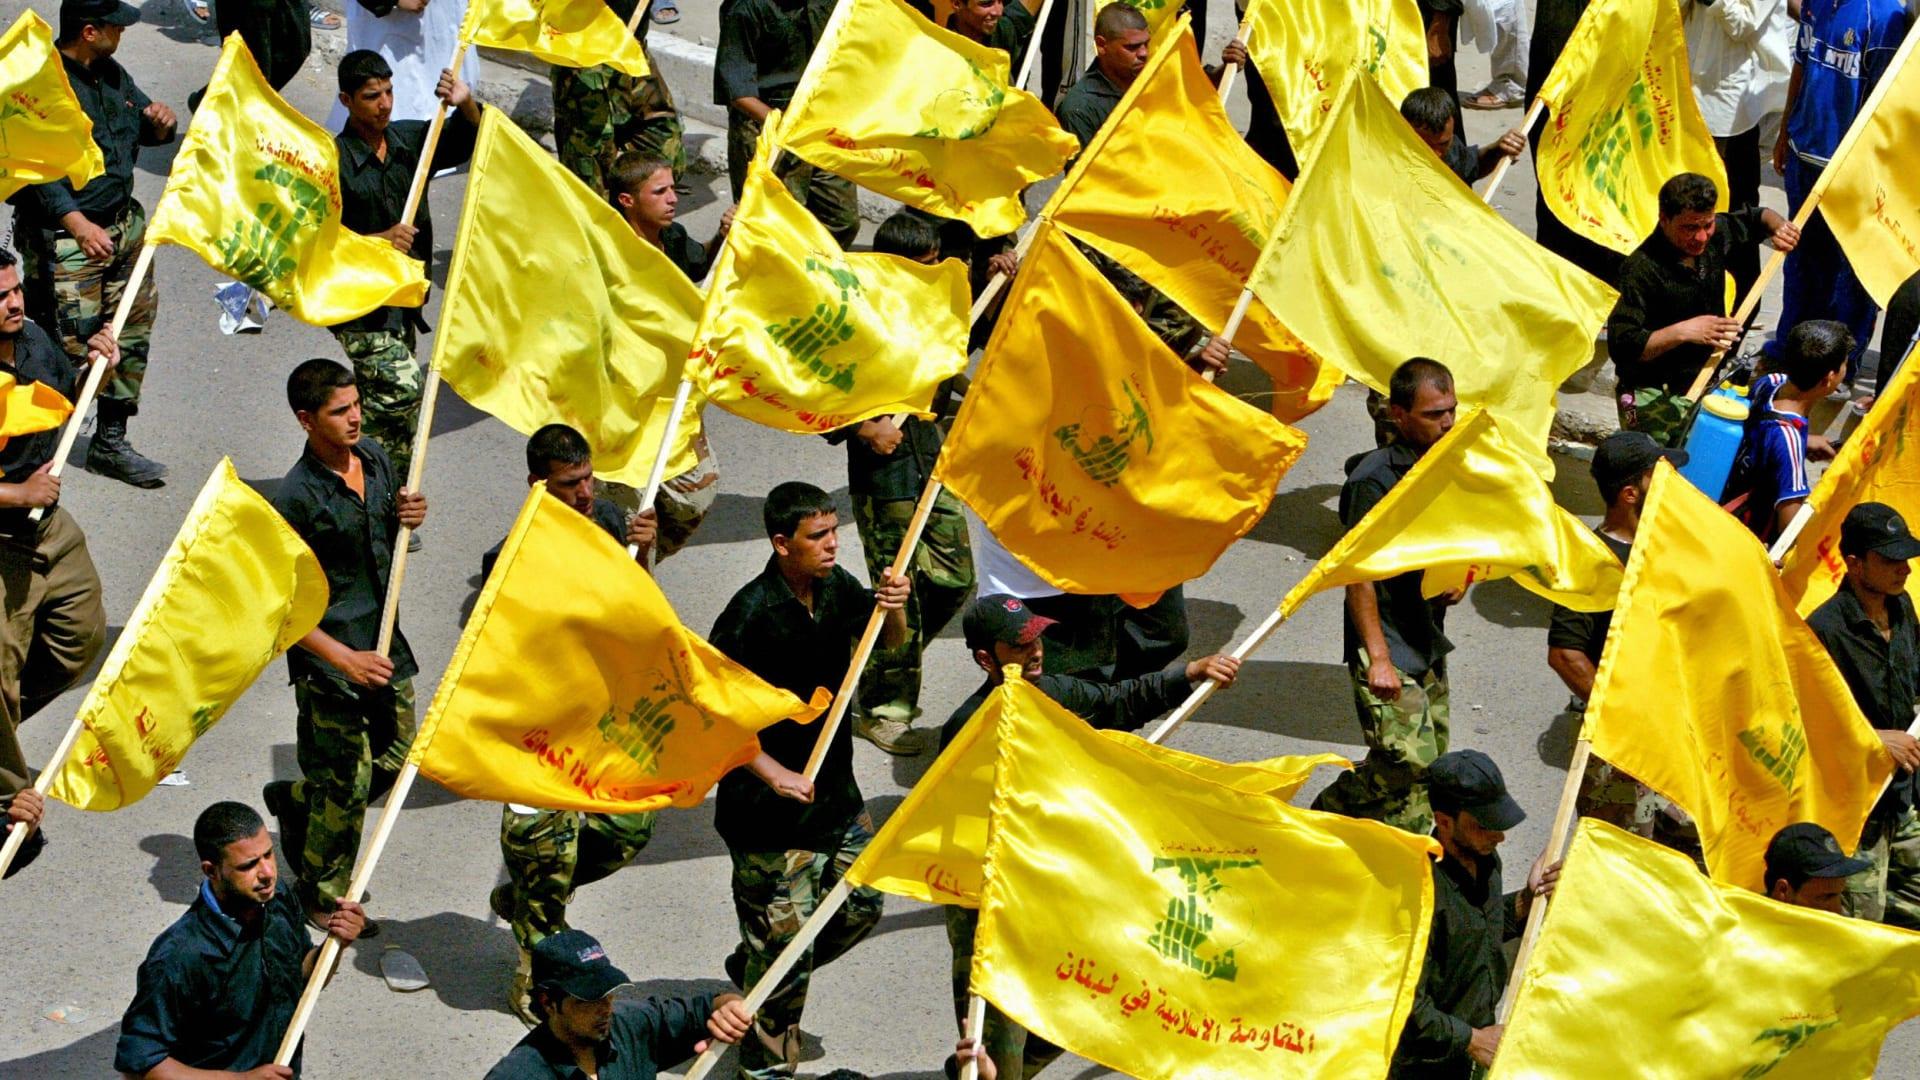 """الجيش الإسرائيلي يطالب """"ويكيبيديا"""" بتغيير وصف حزب الله على صفحتها"""